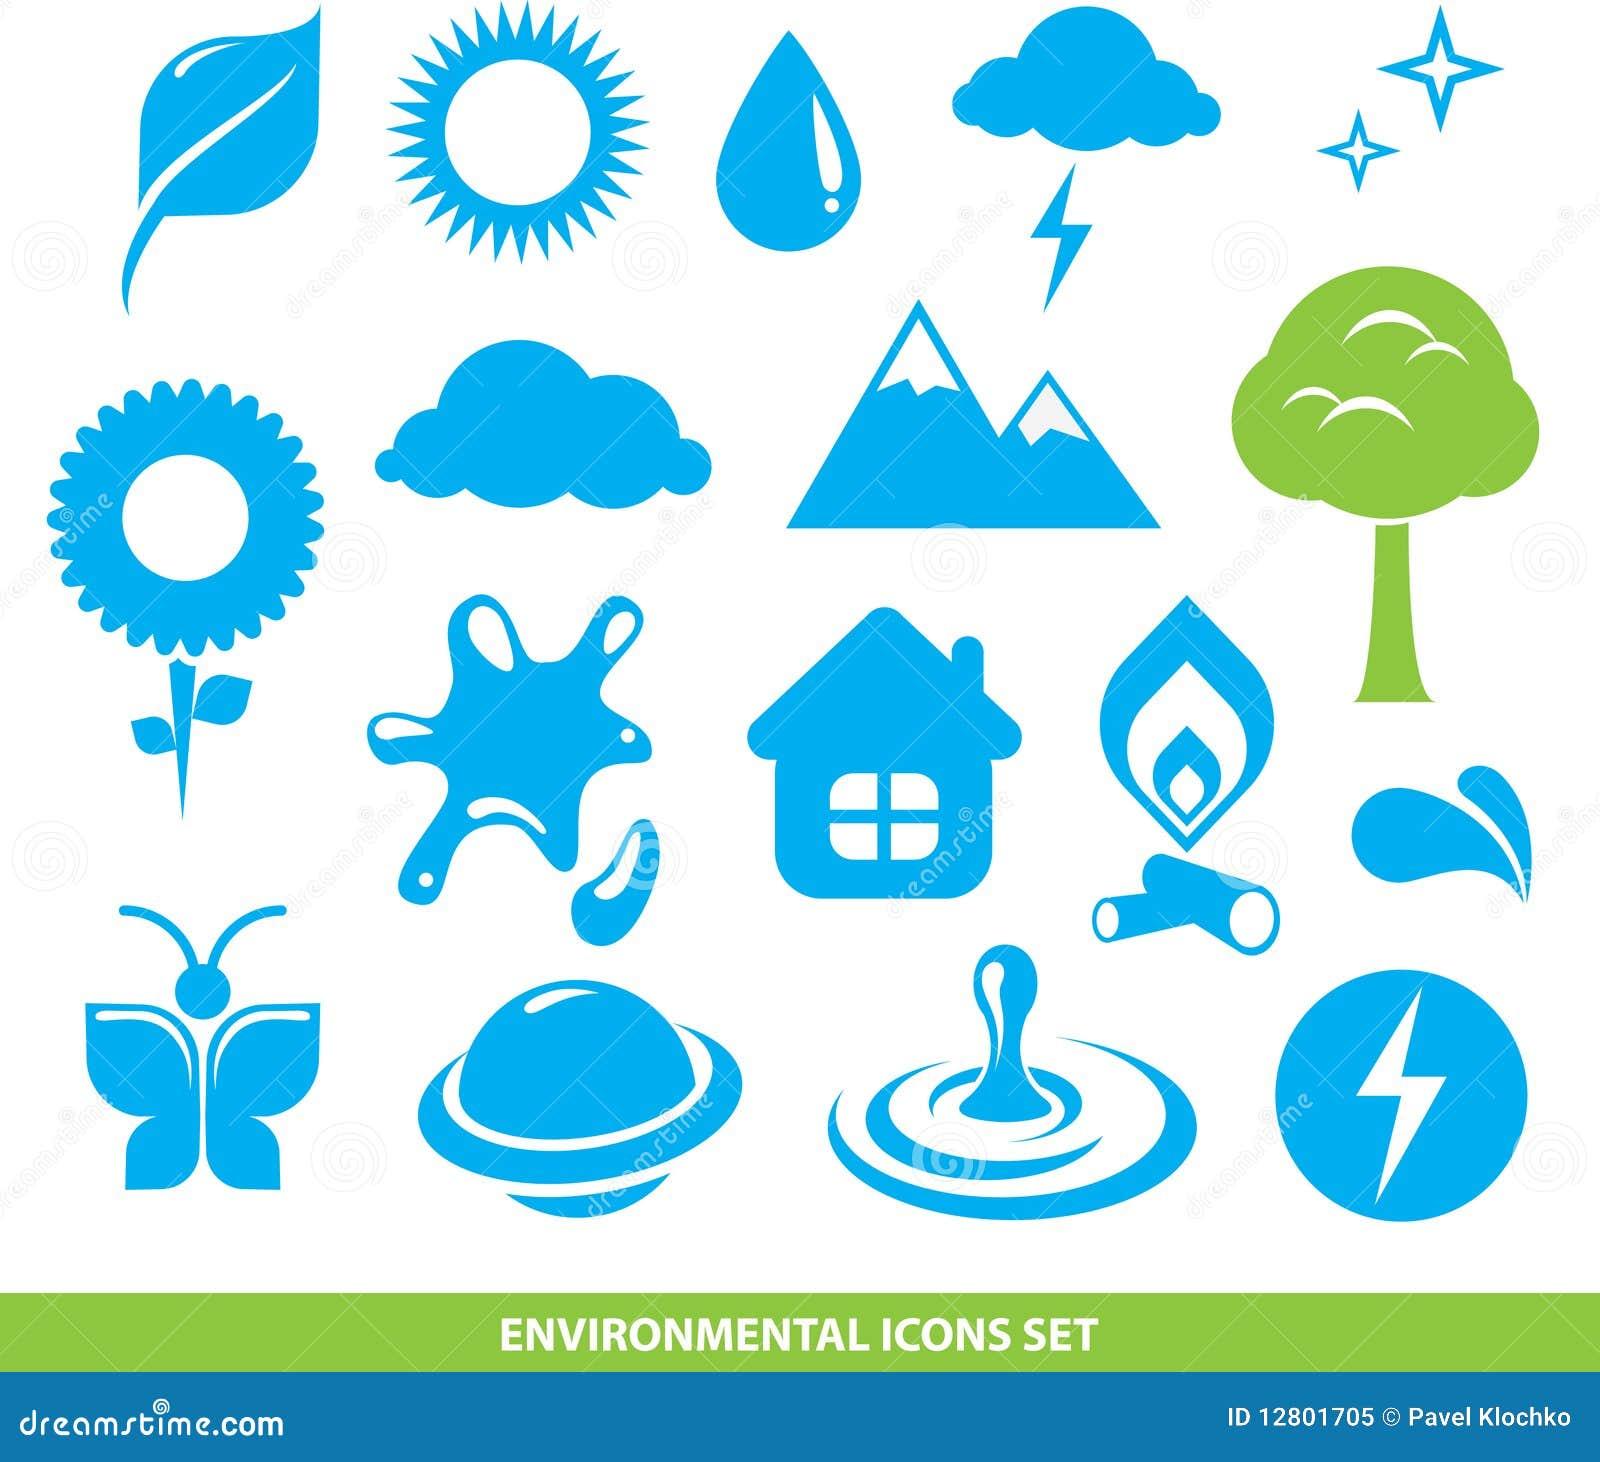 Ícones ambientais ajustados